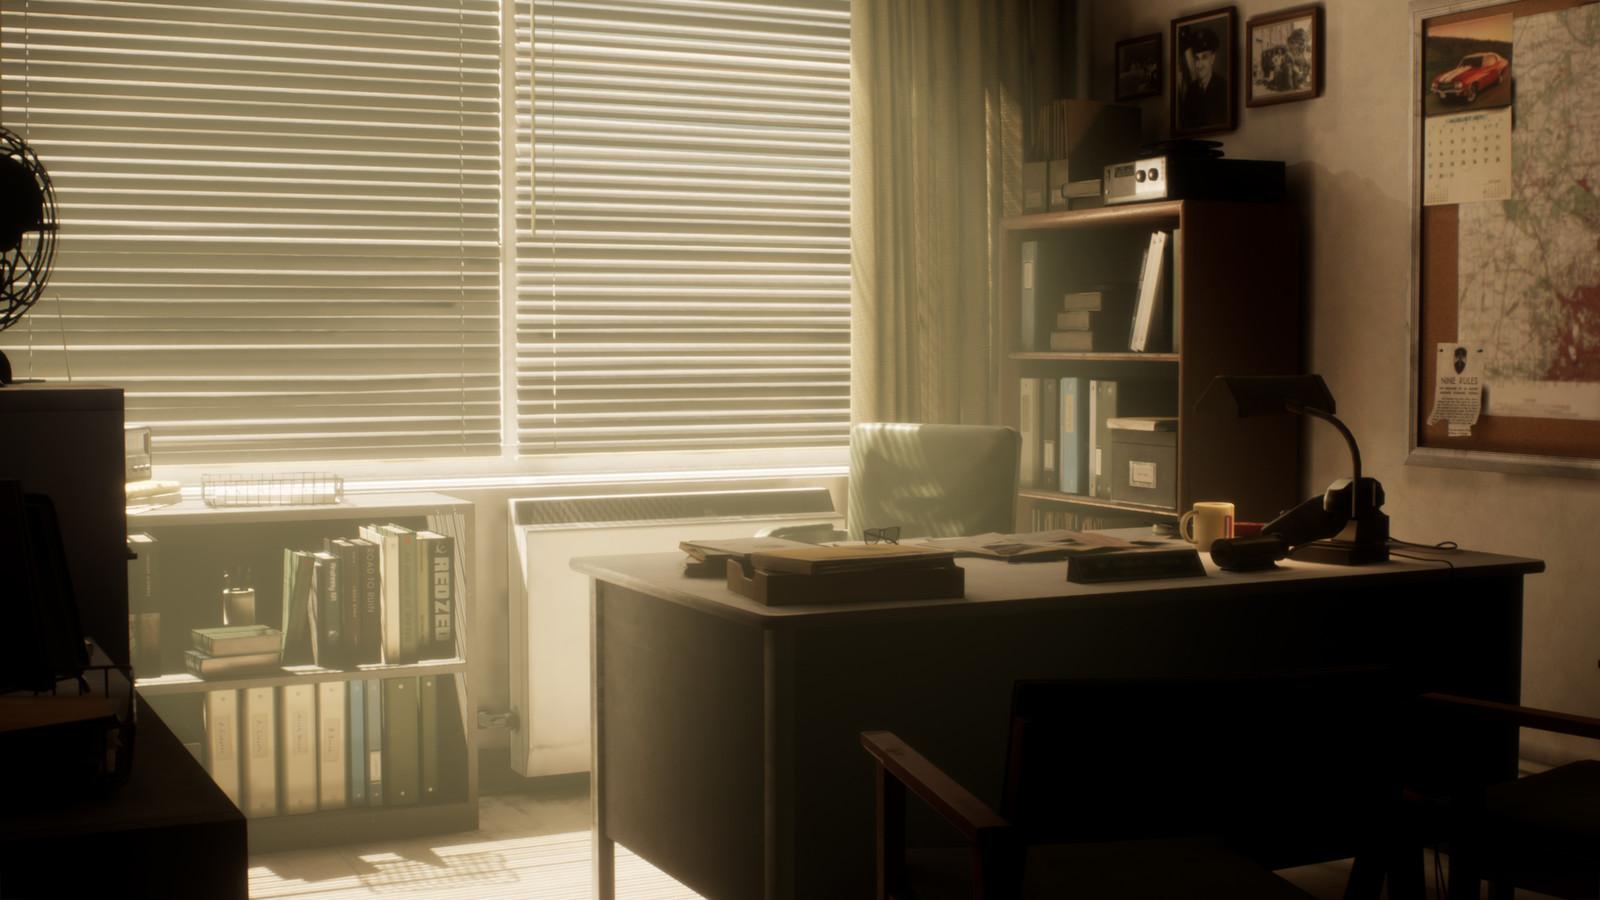 Deputy's office